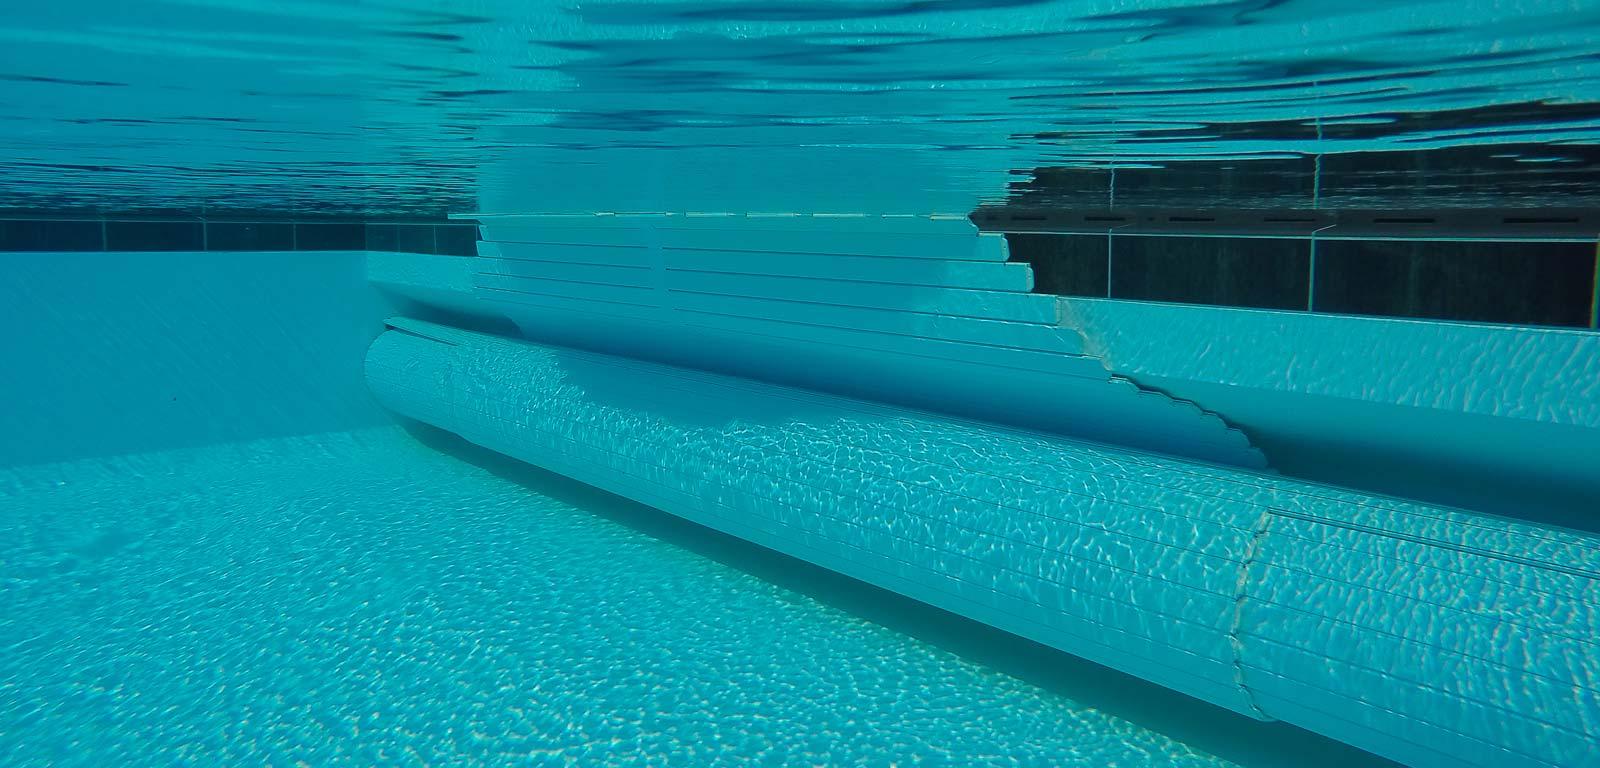 Ultimi preparativi prima di entrare in piscina for Bagno della piscina